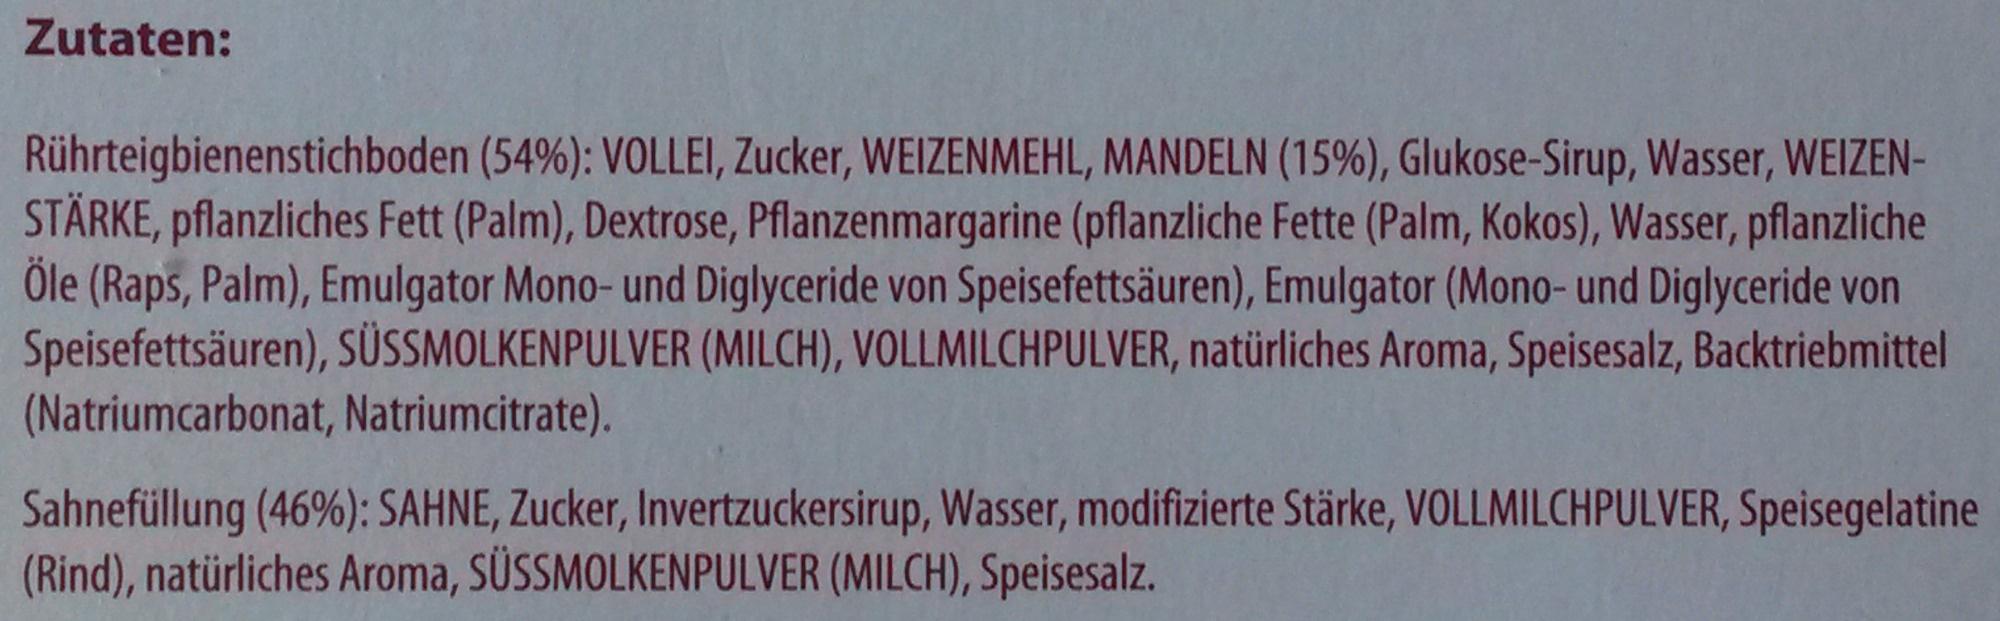 Mandel Bienenstich - tiefgefroren - Ingrédients